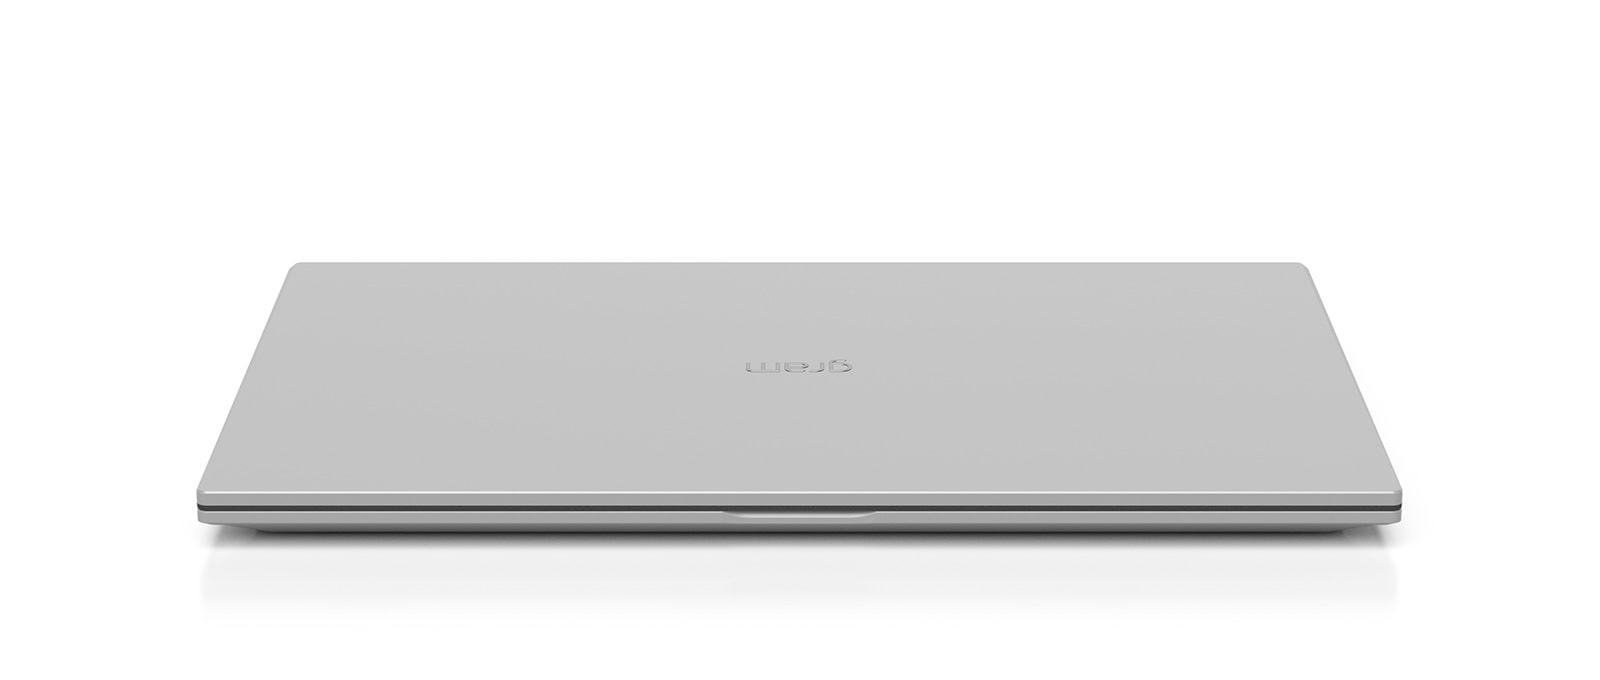 Ważący 999 g laptop gram z 14-calowym ekranem